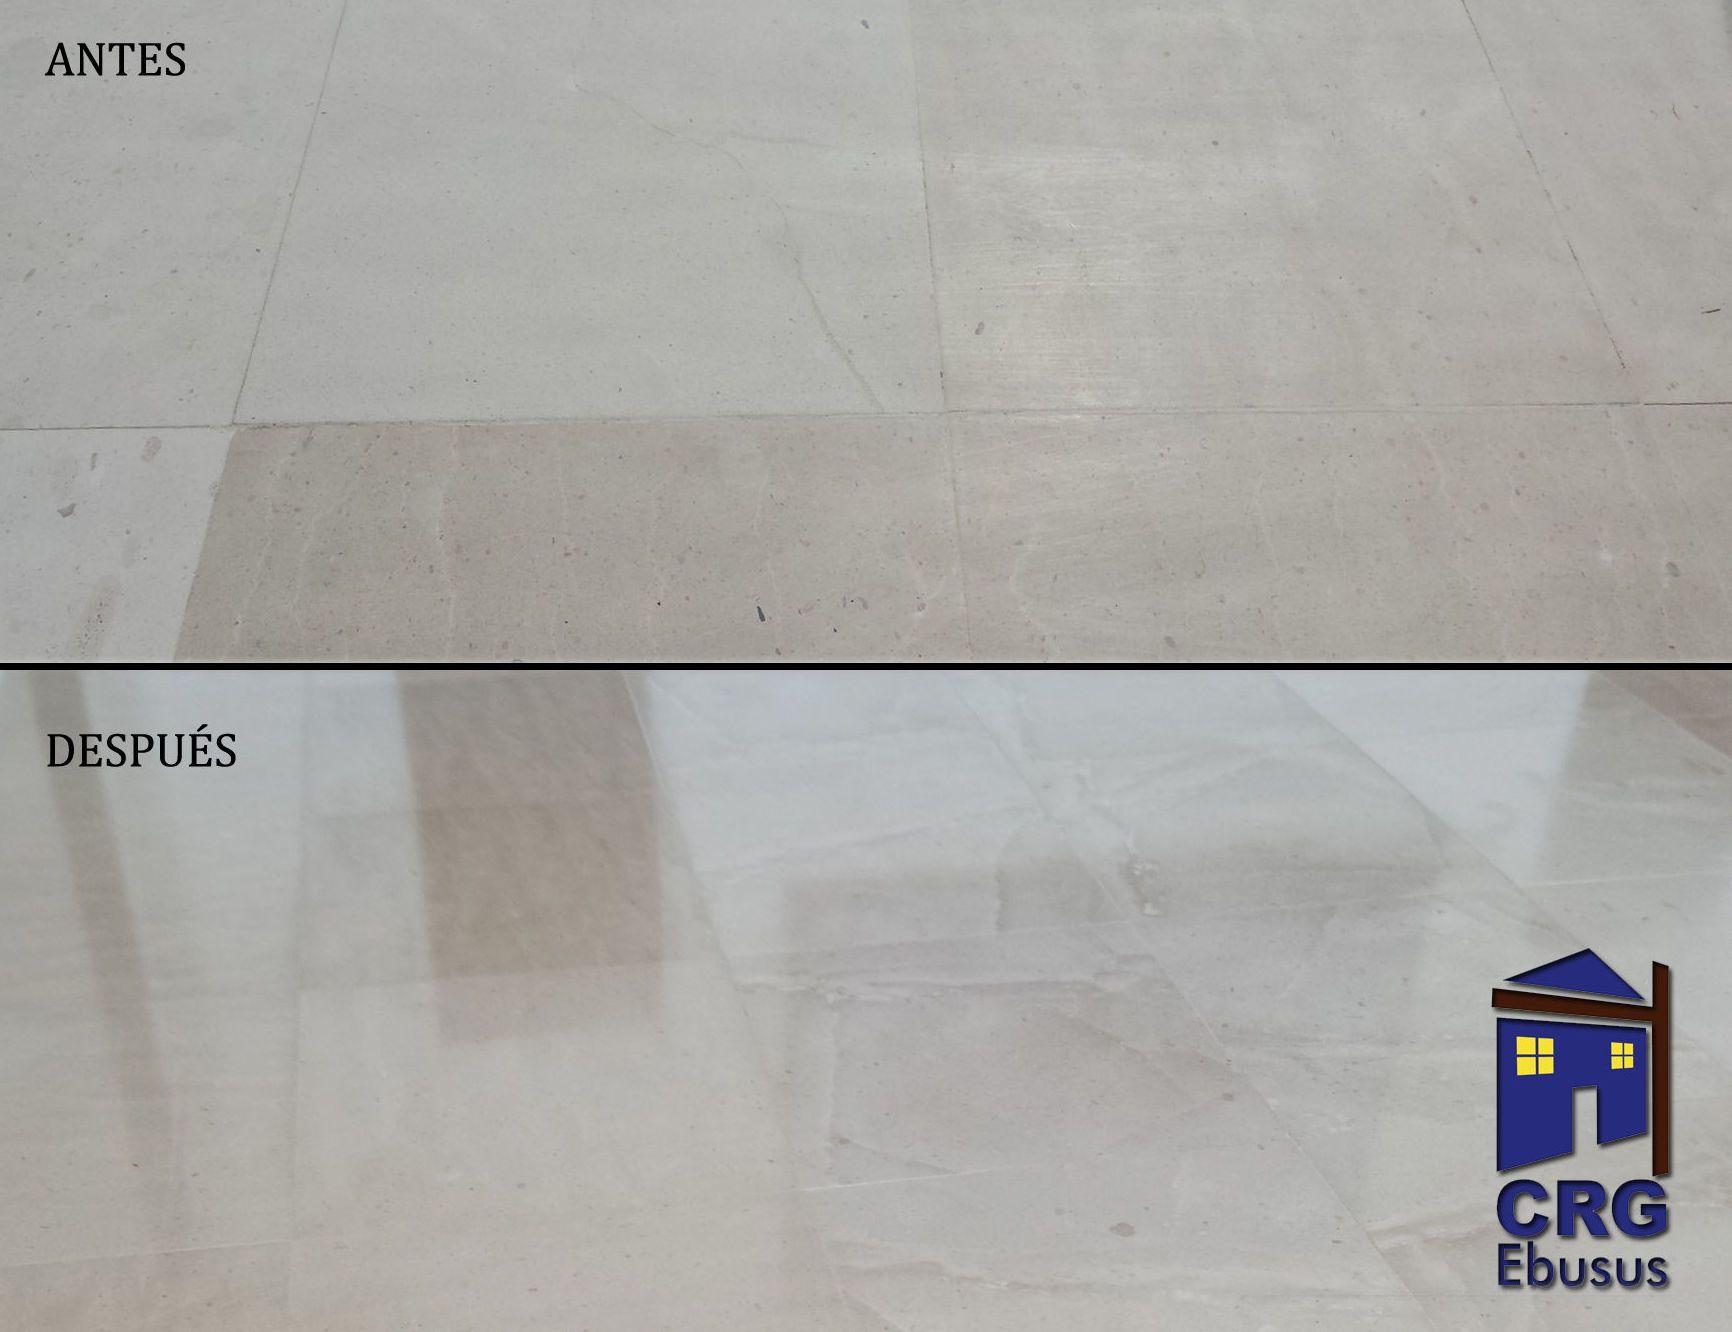 Pulidor de suelos en valencia escaleras with pulidor de - Pulidor de suelos ...